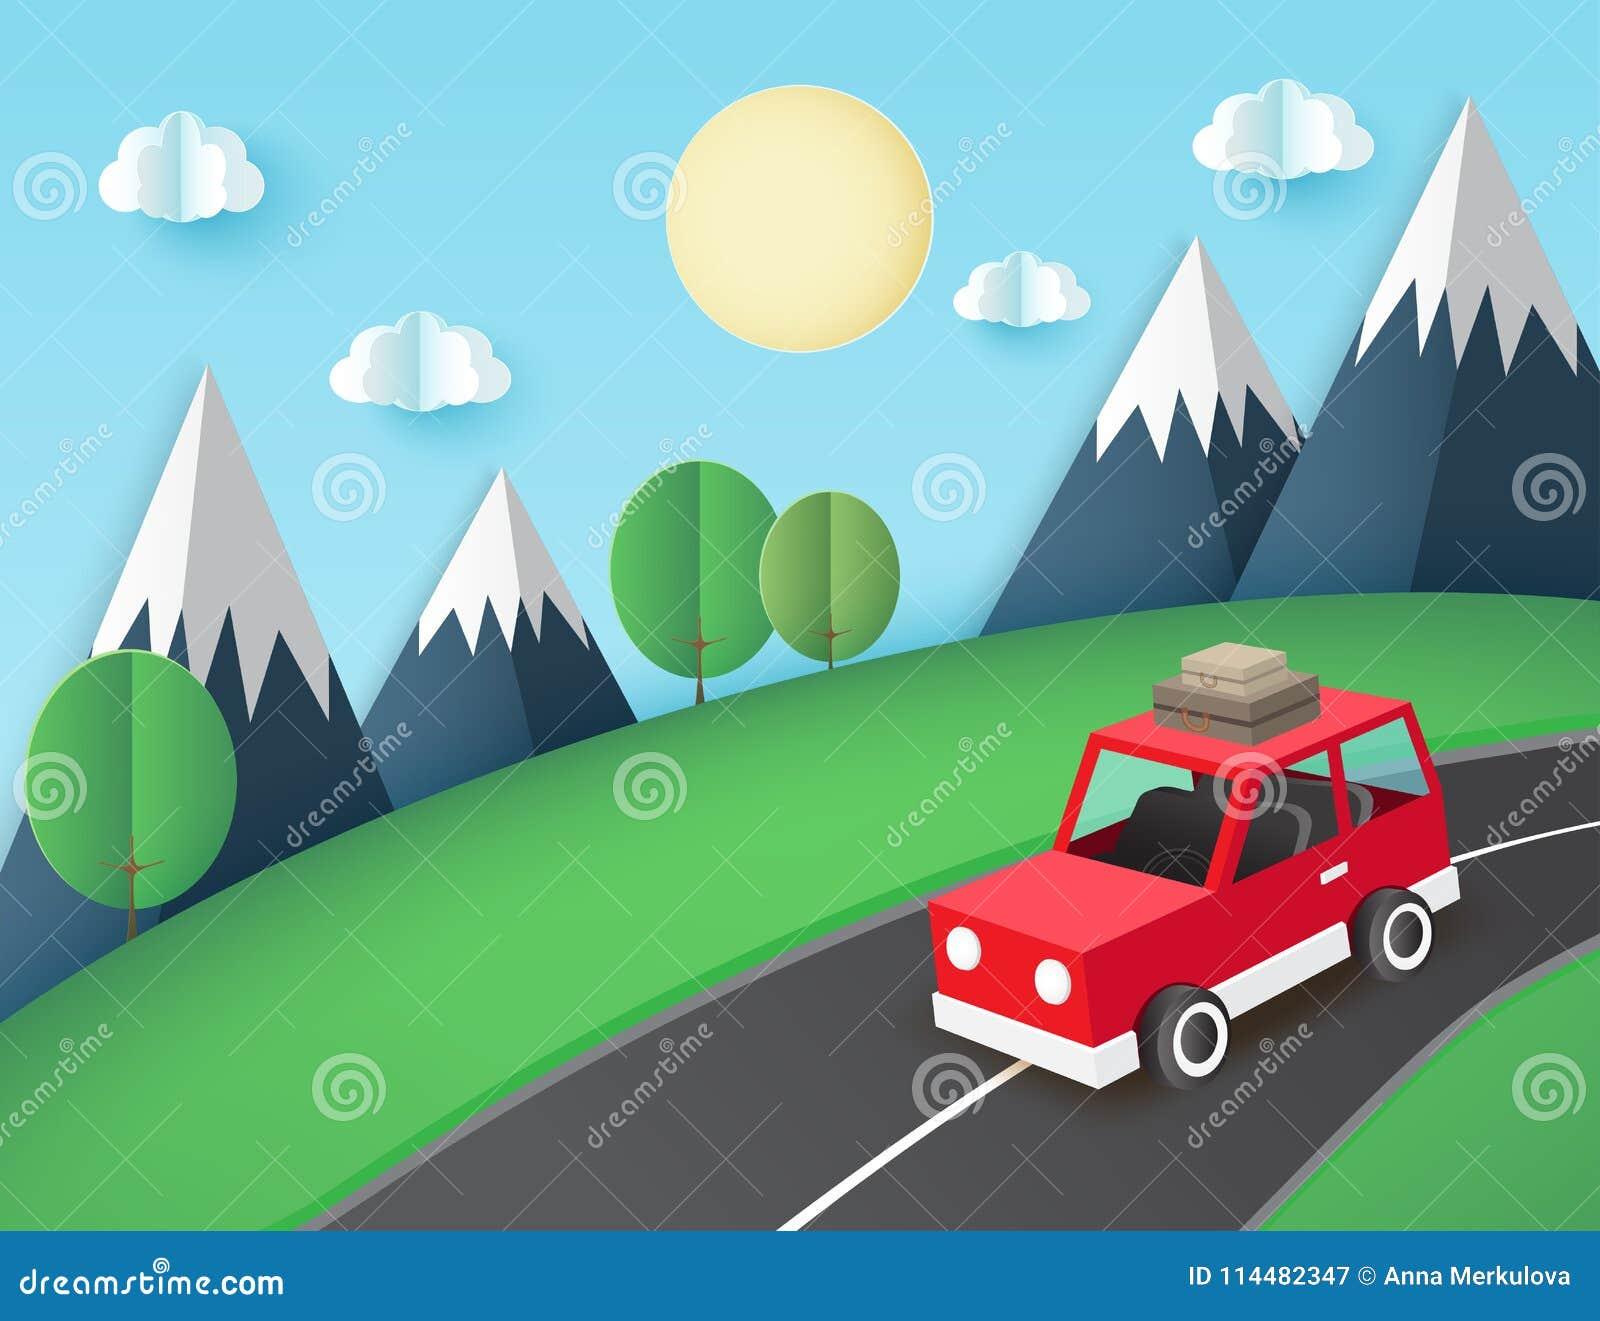 Document kunstachtergrond, rode auto met bagage op de weg